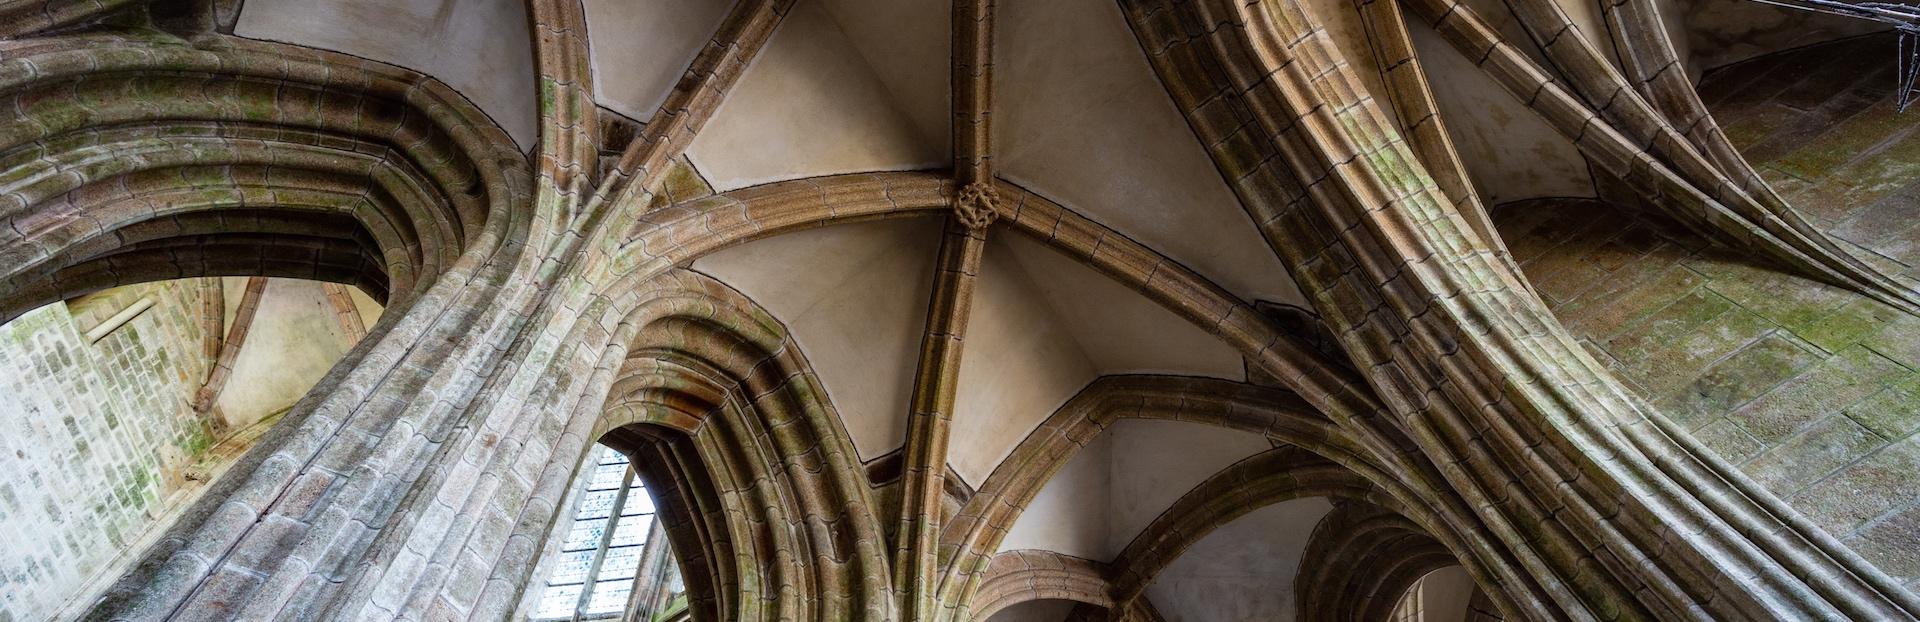 Mont Saint-Michel audio tour: Mont Saint-Michel Abbey Audio Guide